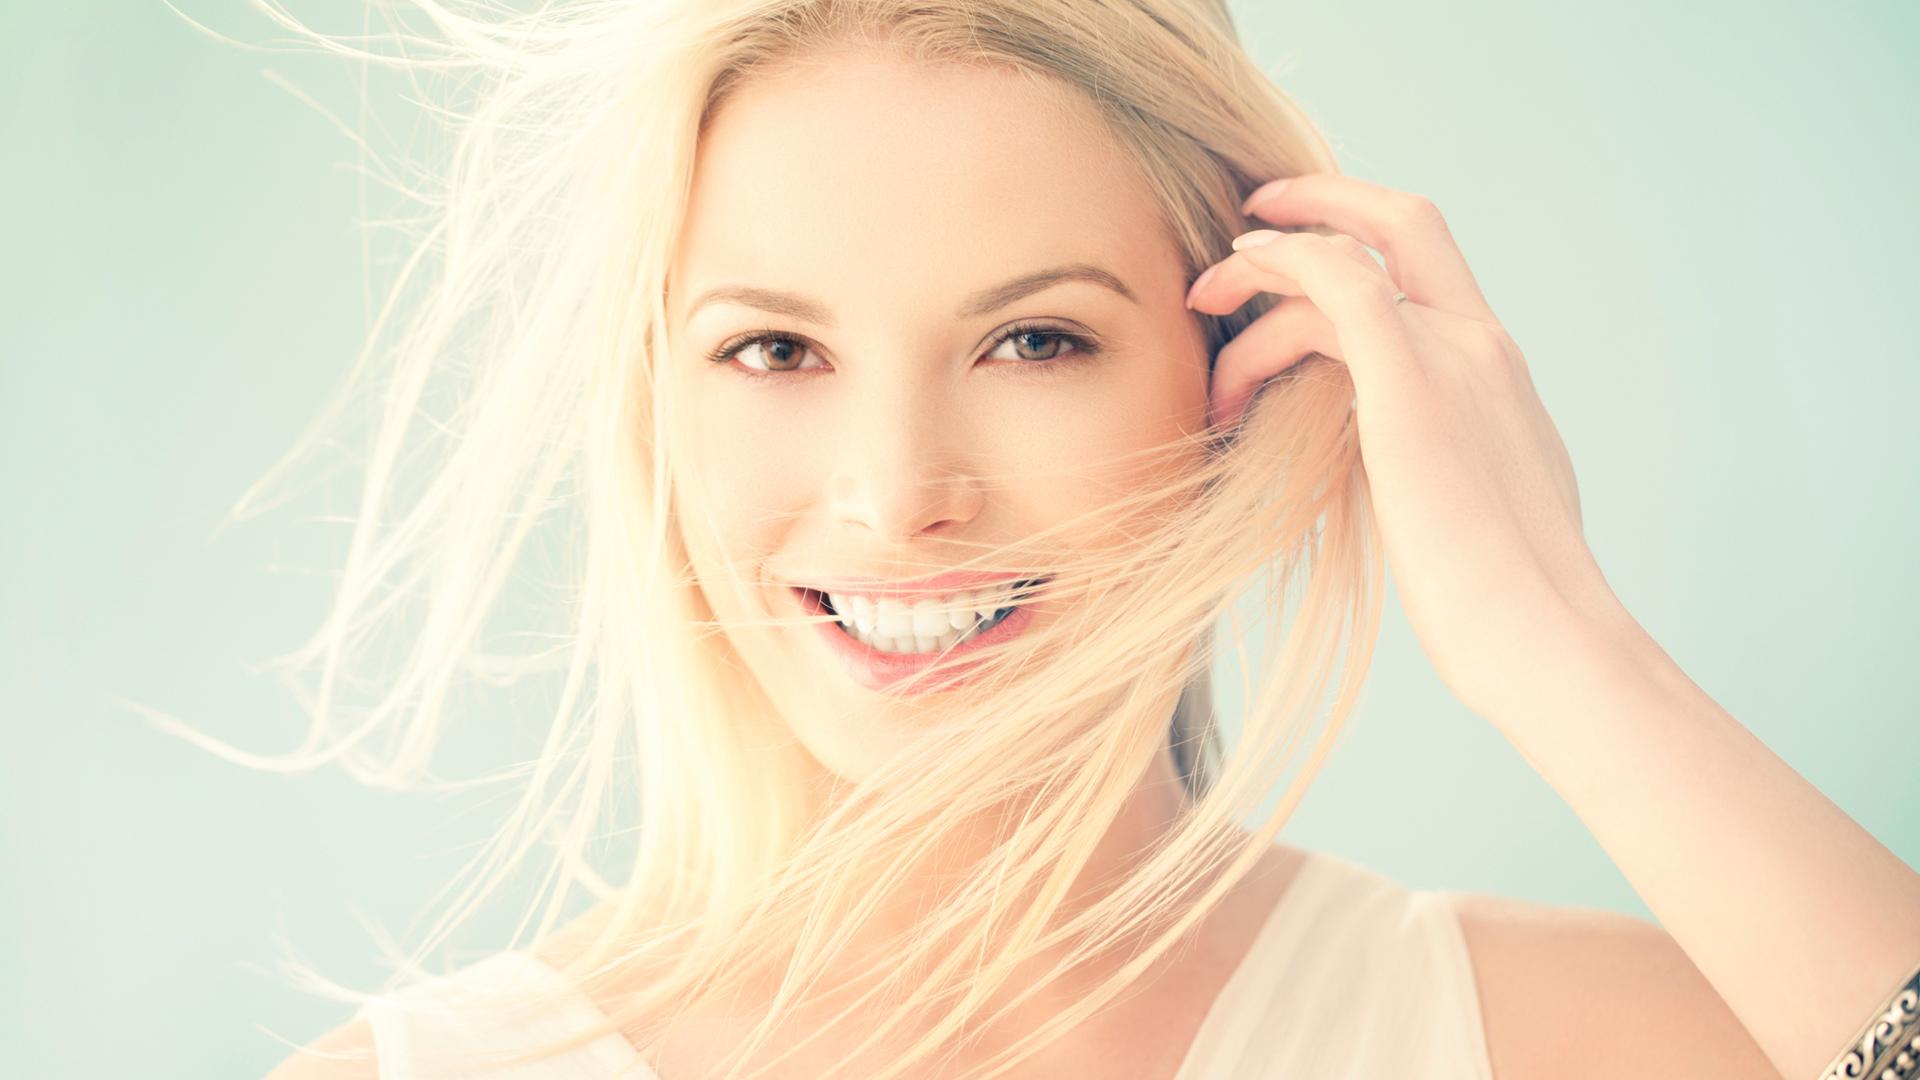 Улыбчивая блондинка рада попробовать себя в роли модели  45668